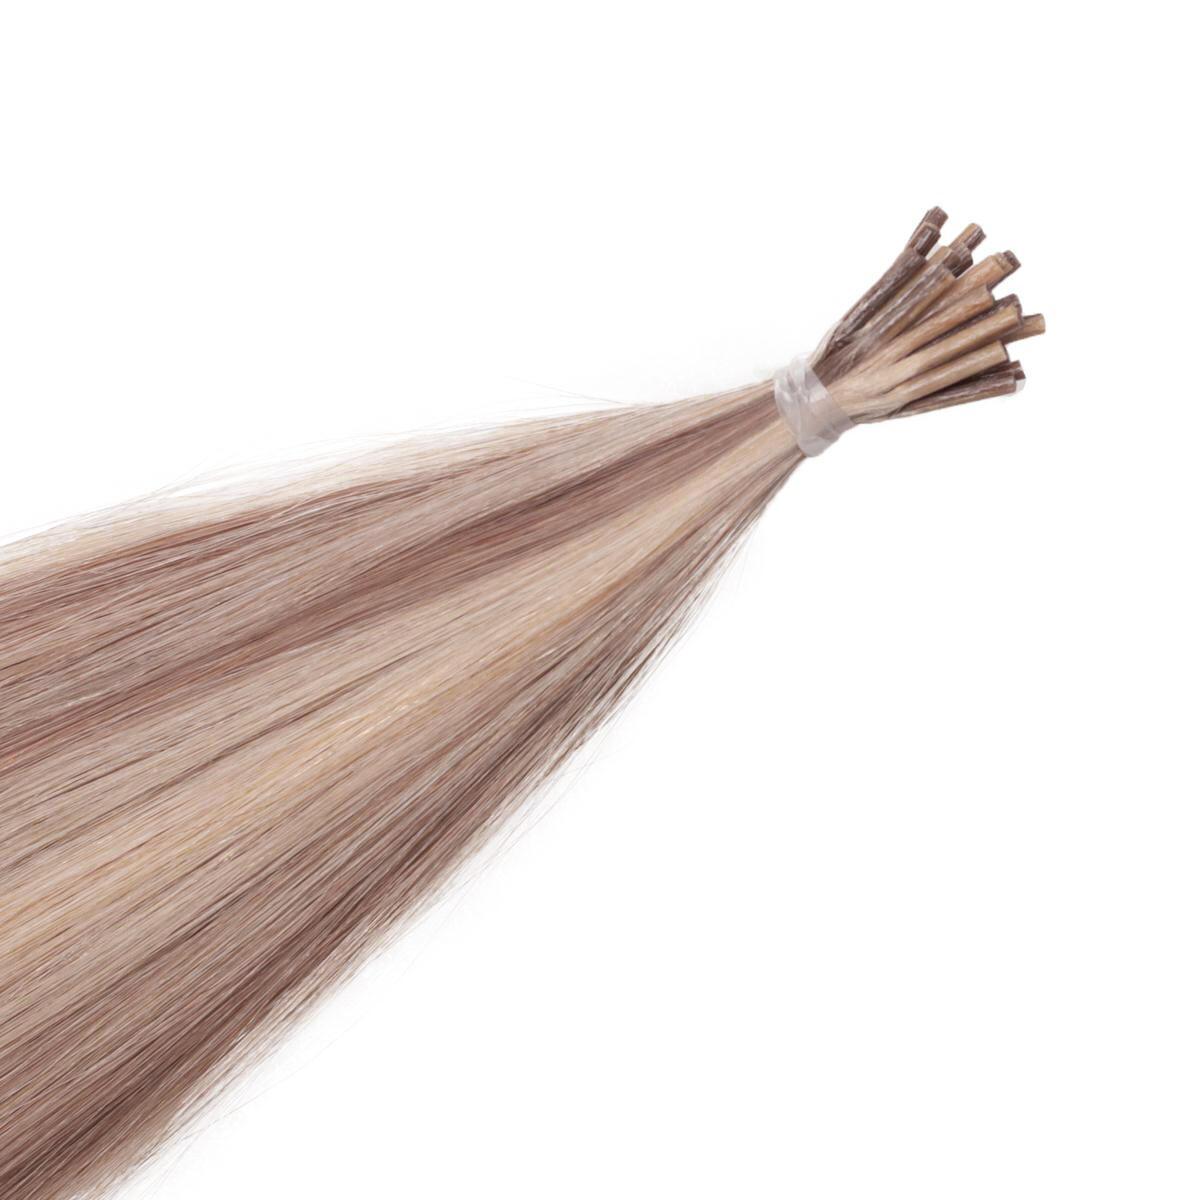 Stick Hair M7.3/10.8 Cendre Ash Blonde Mix 50 cm